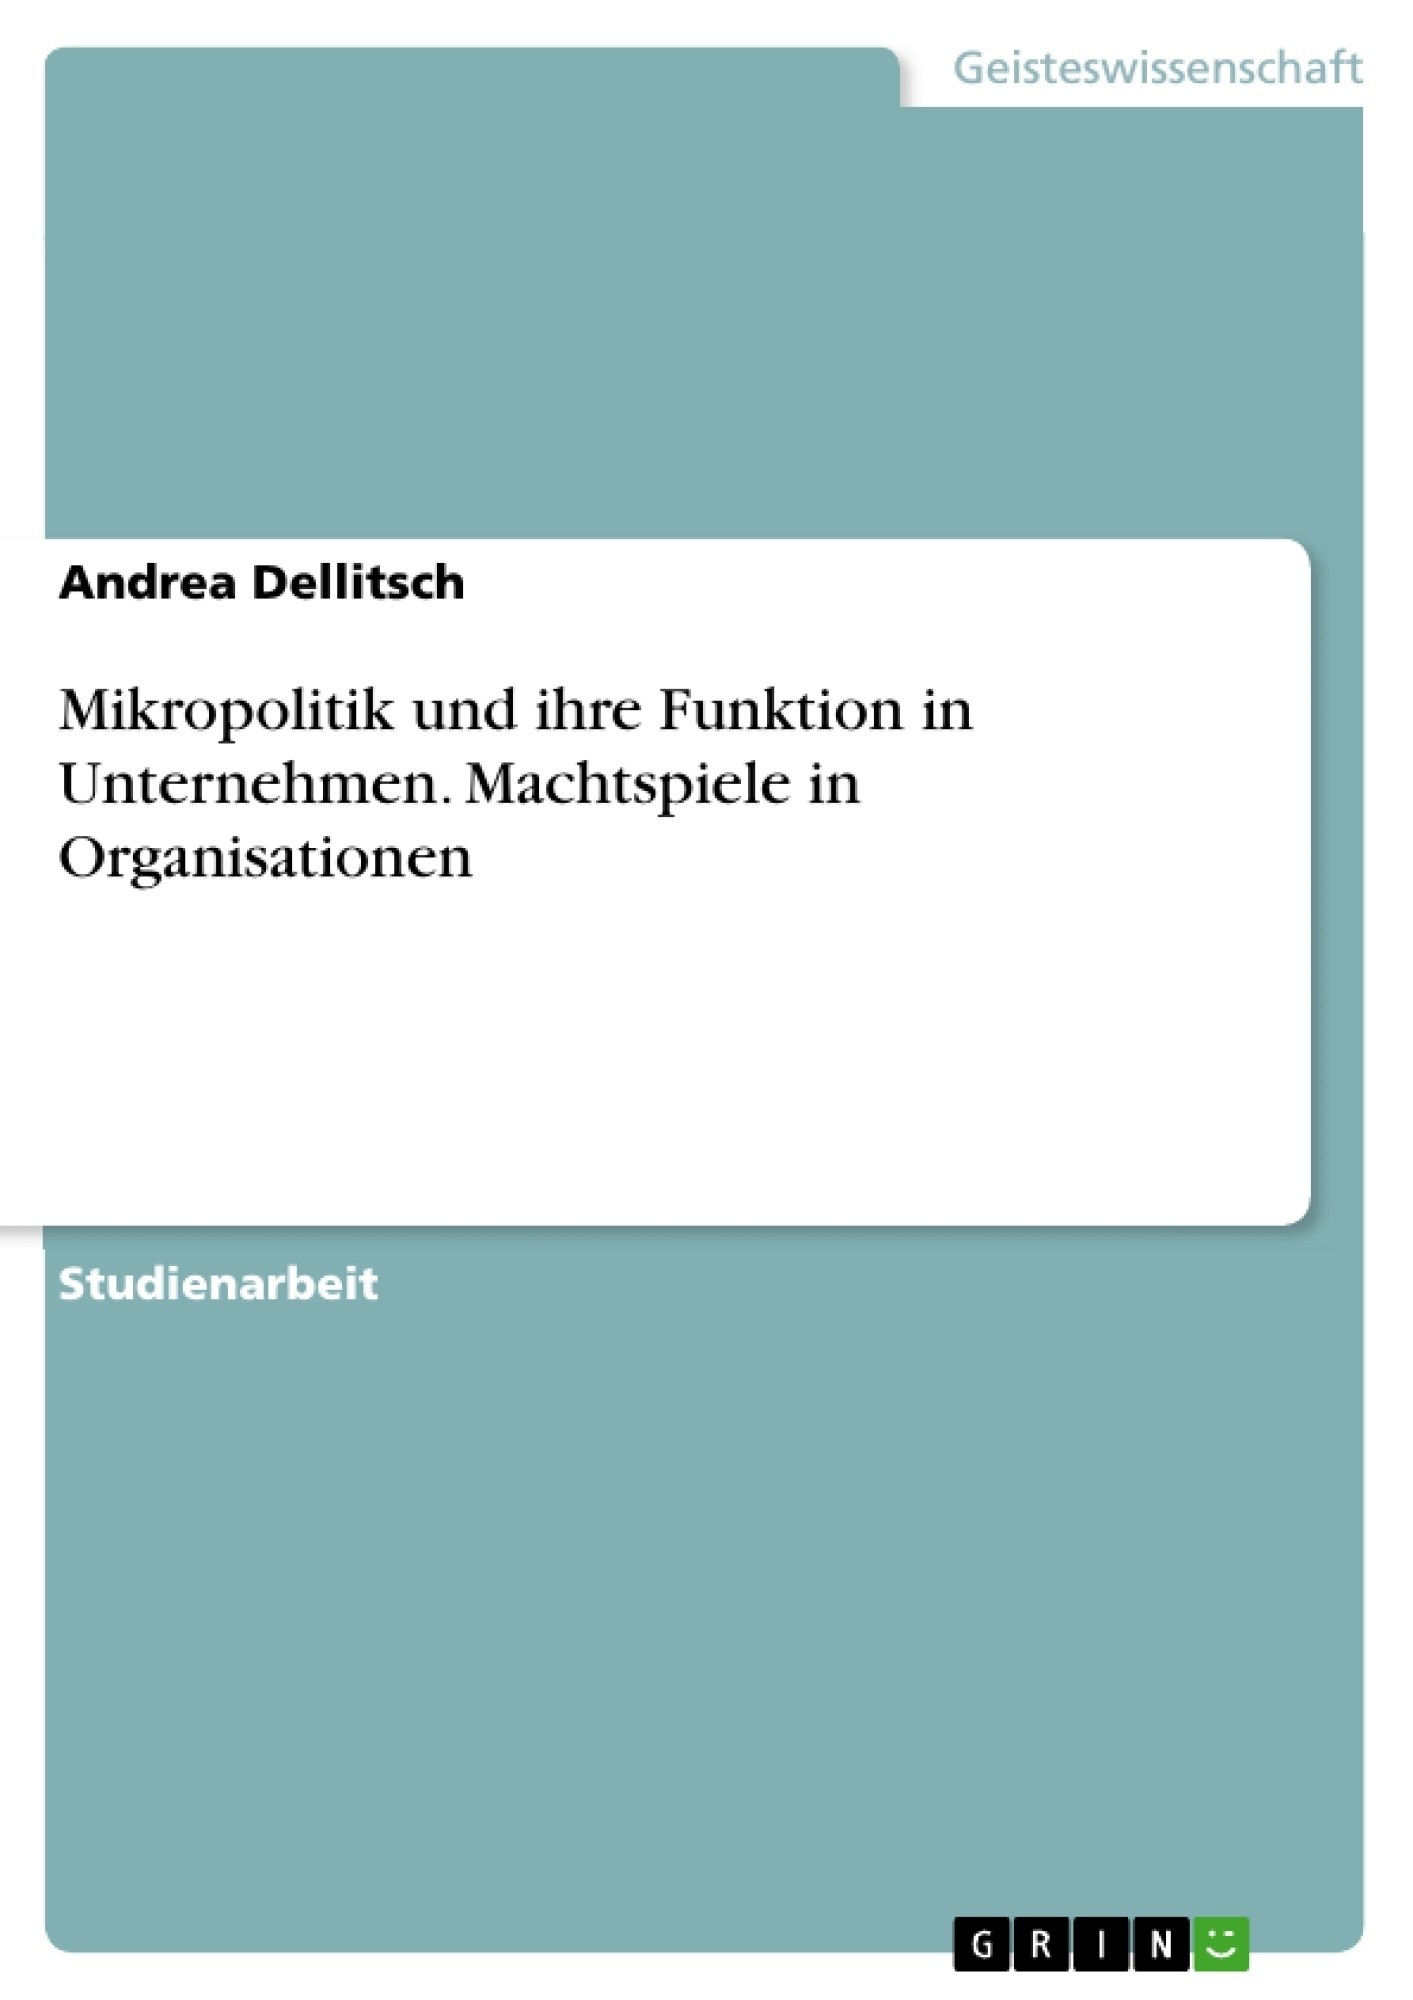 Titel: Mikropolitik und ihre Funktion in Unternehmen. Machtspiele in Organisationen